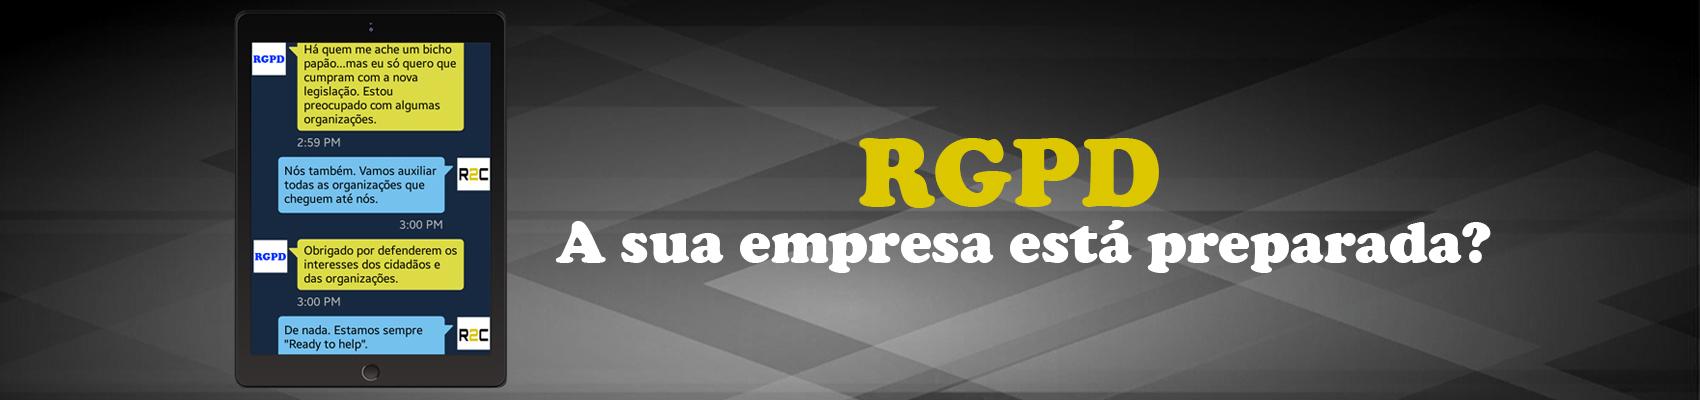 RGPD - A sua empresa está preparada?